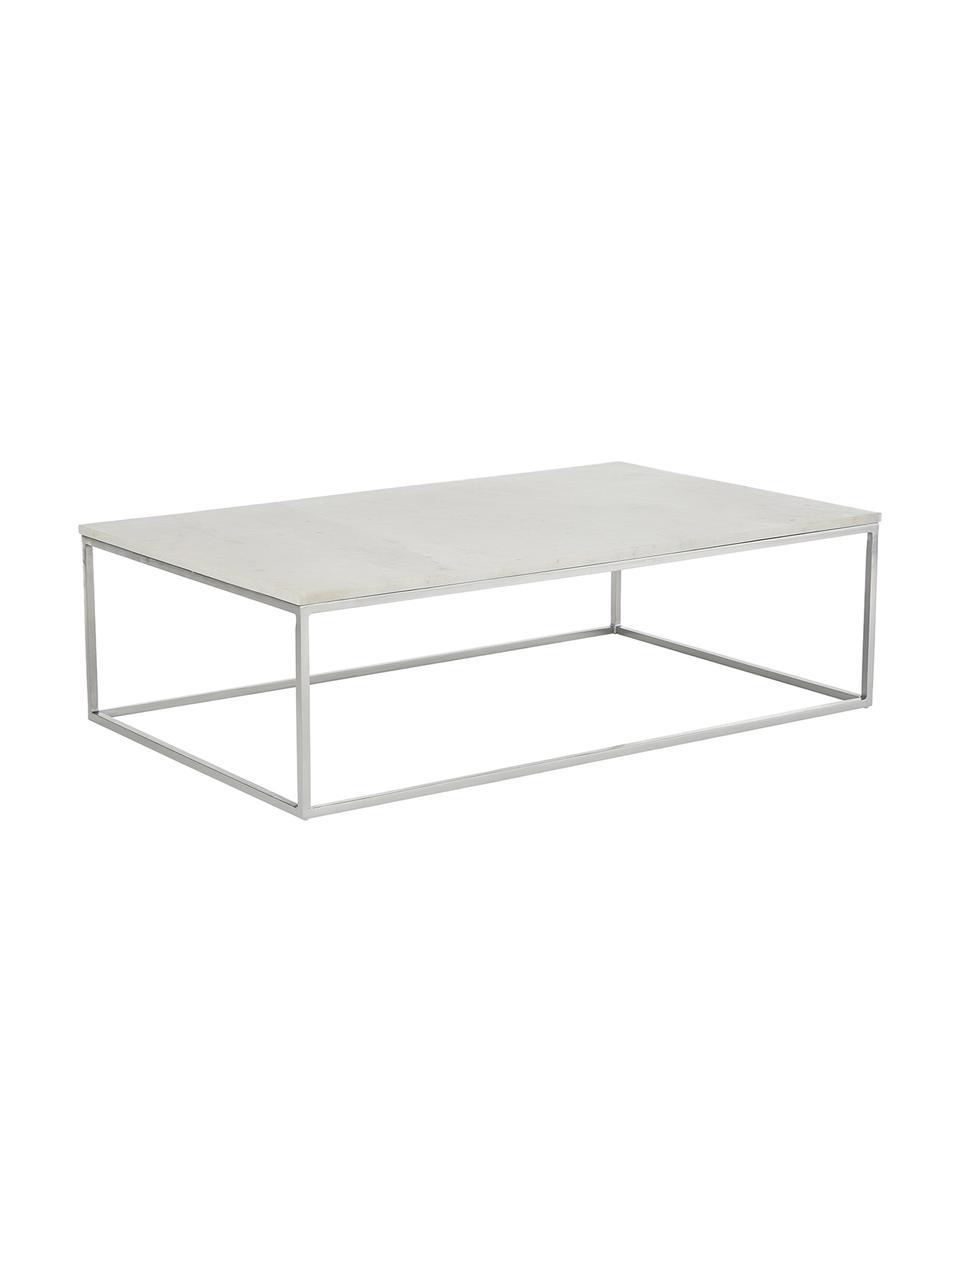 Marmeren salontafel Alys, Tafelblad: marmer natuursteen, Frame: gepoedercoat metaal, Wit marmer, zilverkleurig, B 120 x D 75 cm